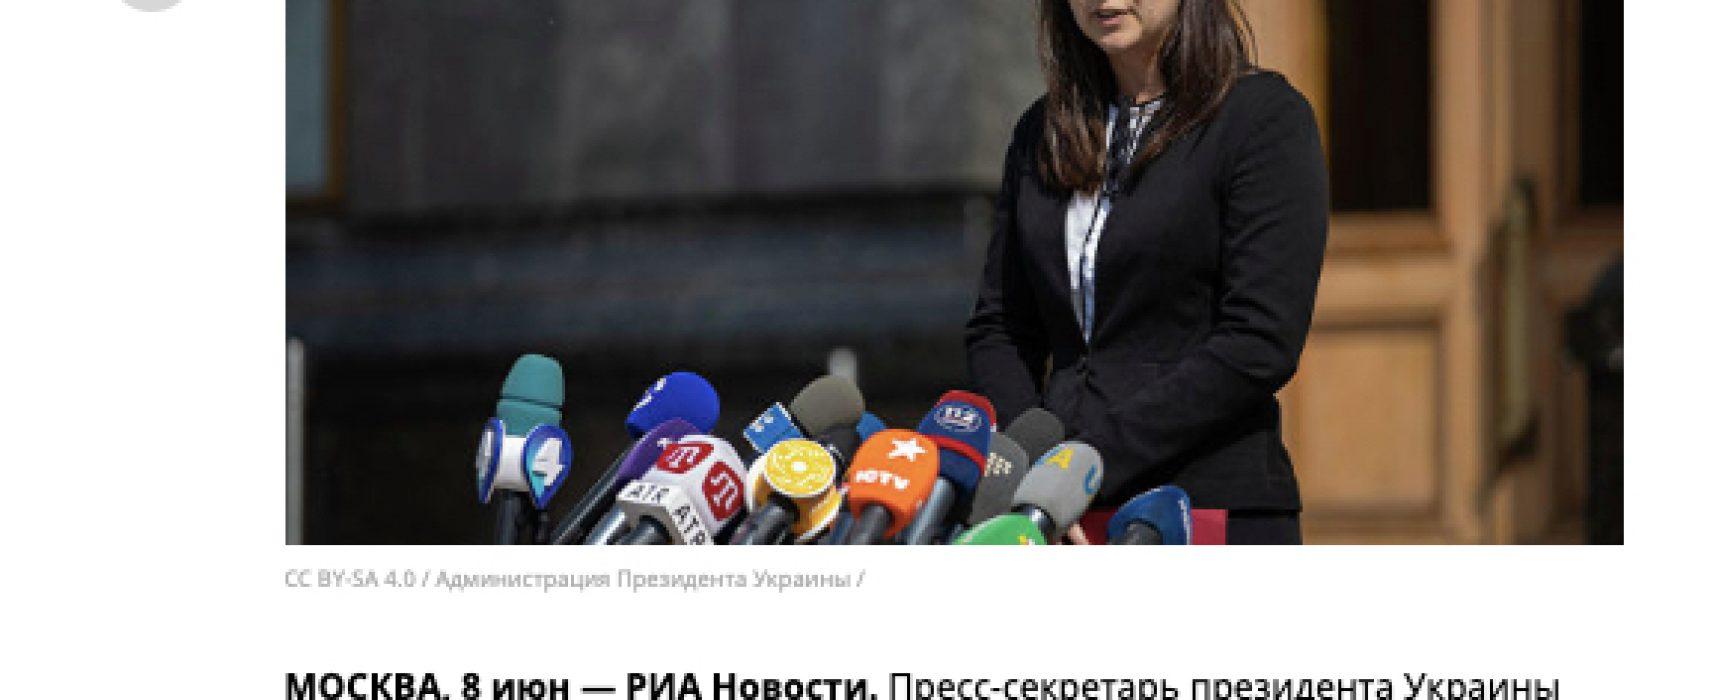 Фейк: Киев признал убийства украинскими силовиками мирных жителей на Донбассе